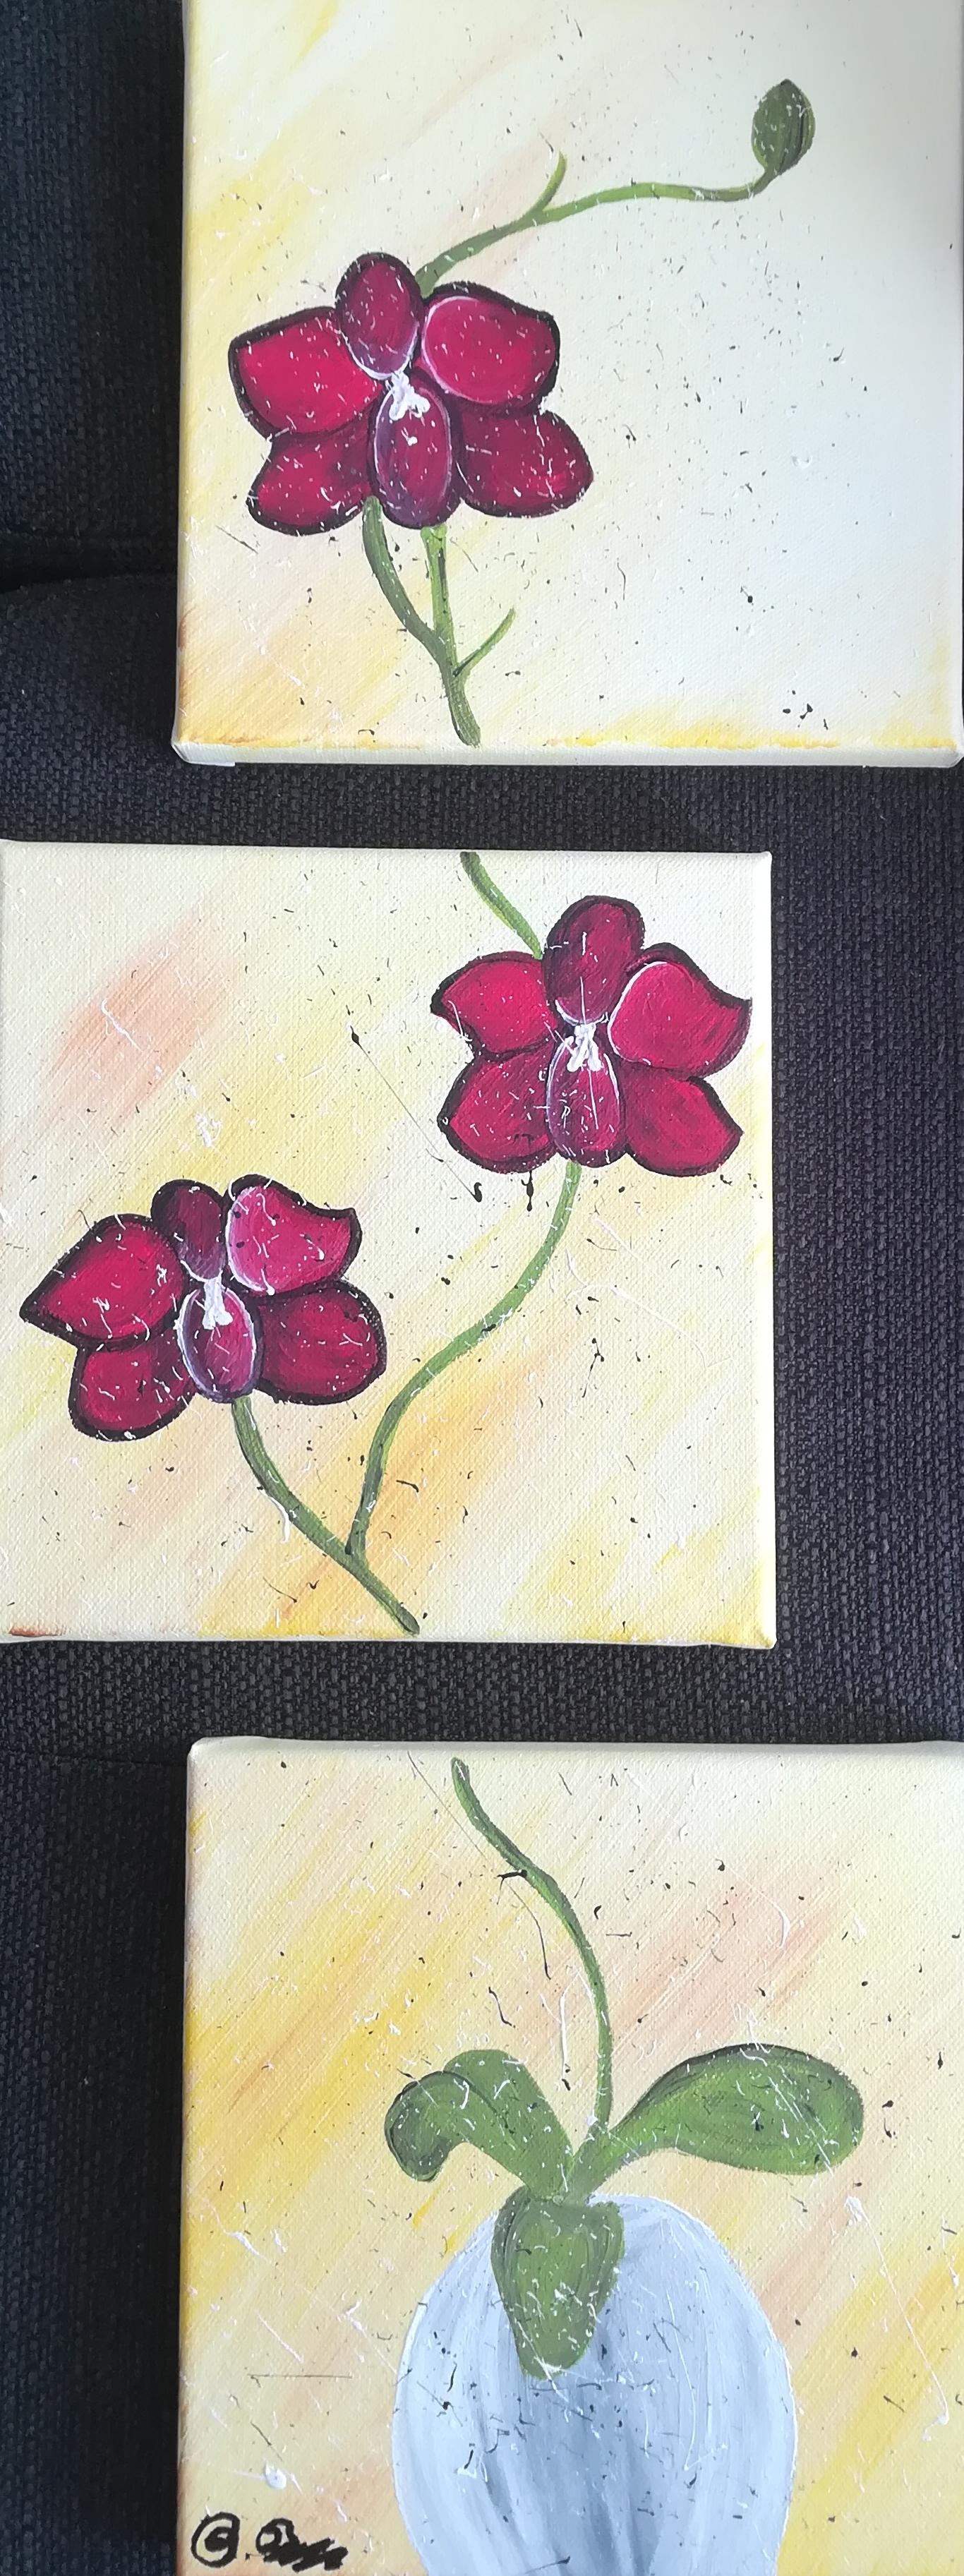 https://0501.nccdn.net/4_2/000/000/04b/787/orchidee.png